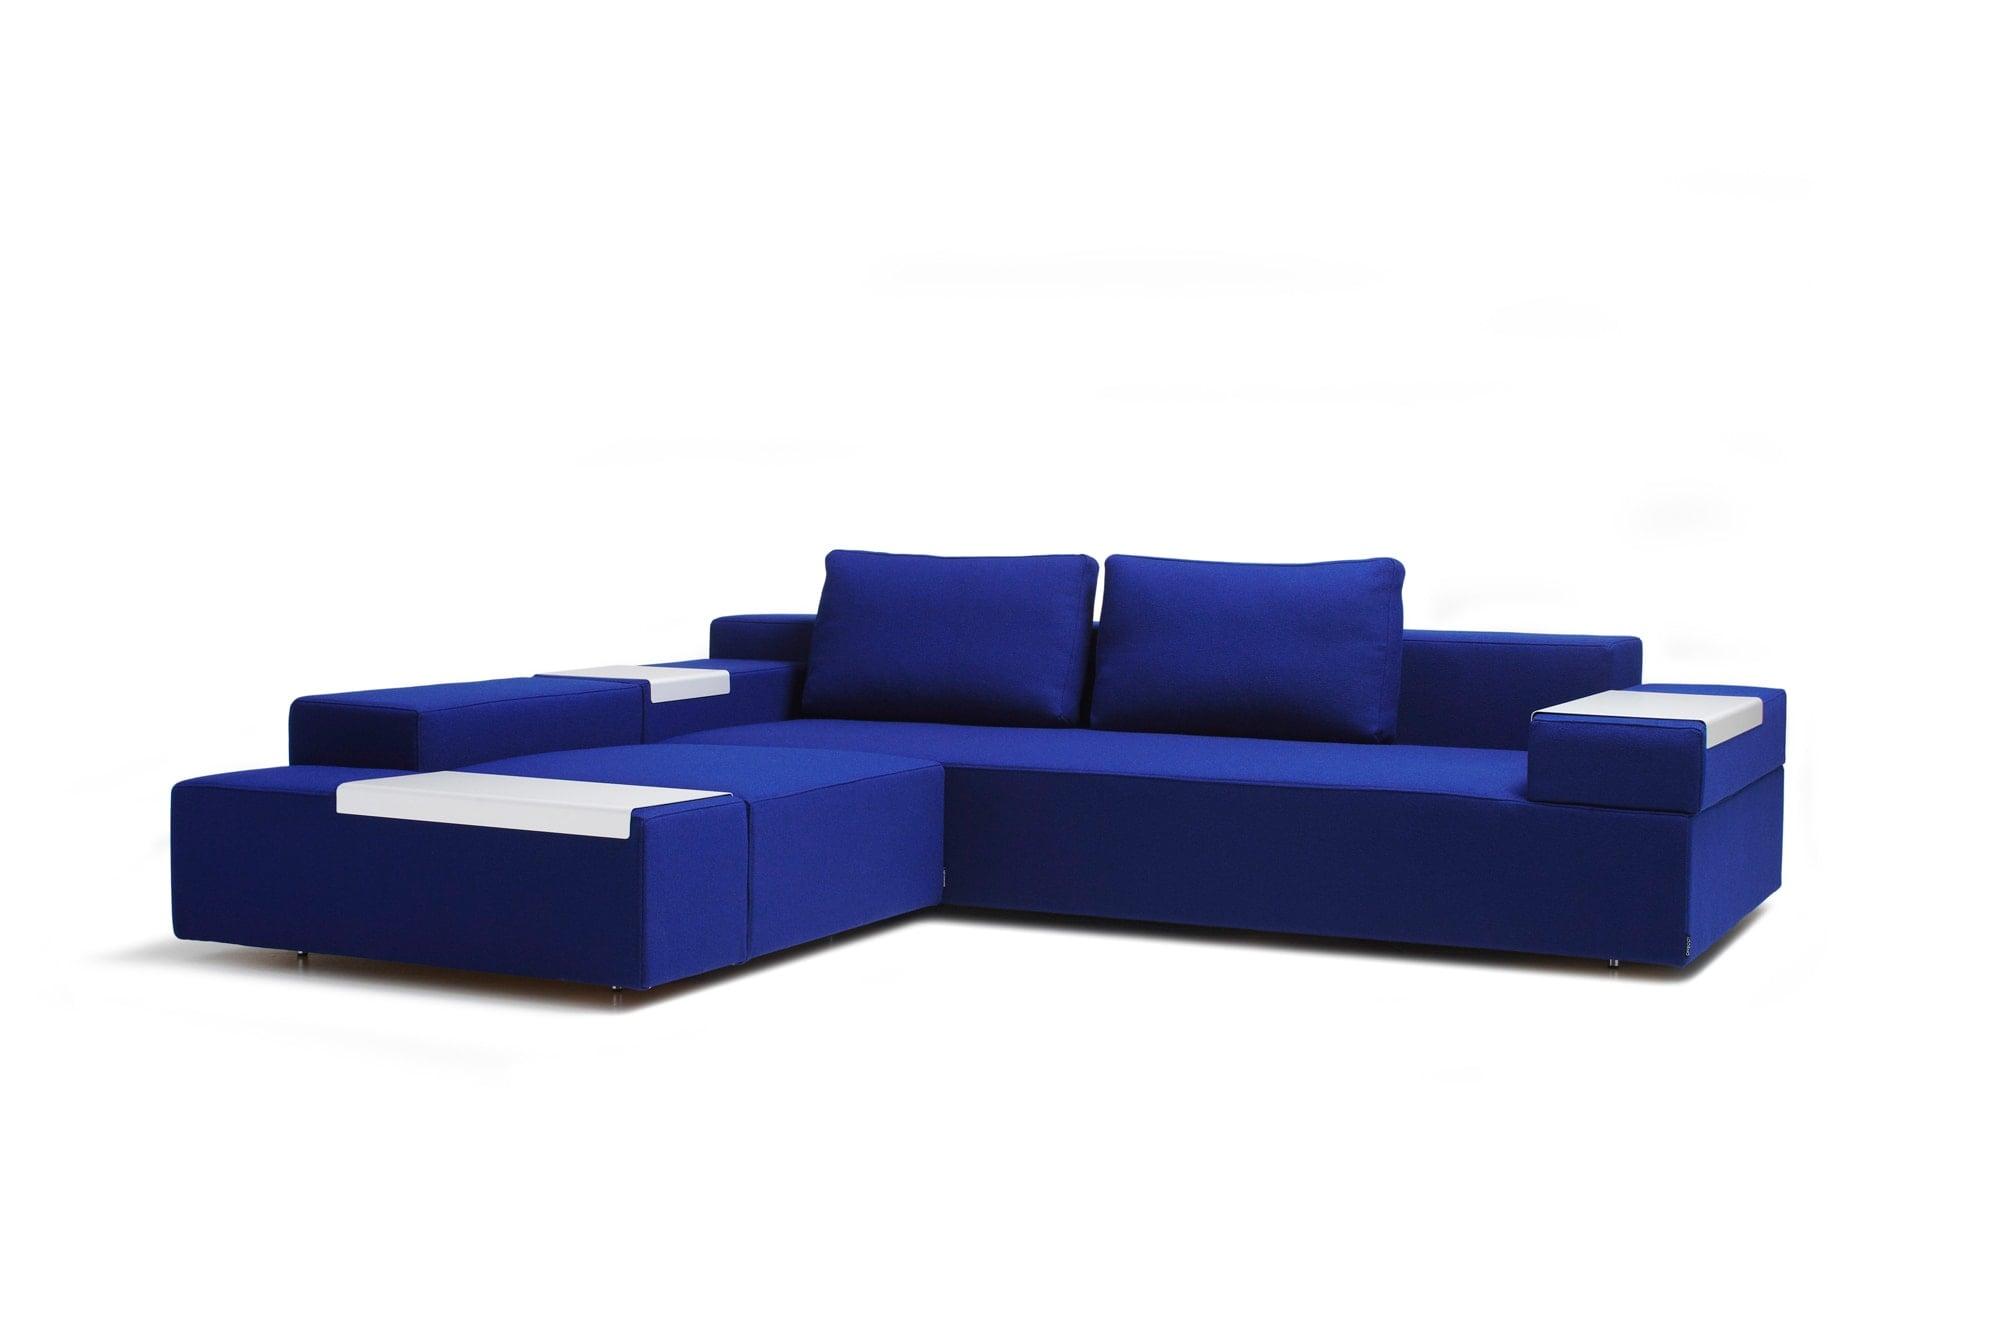 スウェーデンの家具メーカーOFFECCT(オフェクト)で柳原がデザインしたソファ。